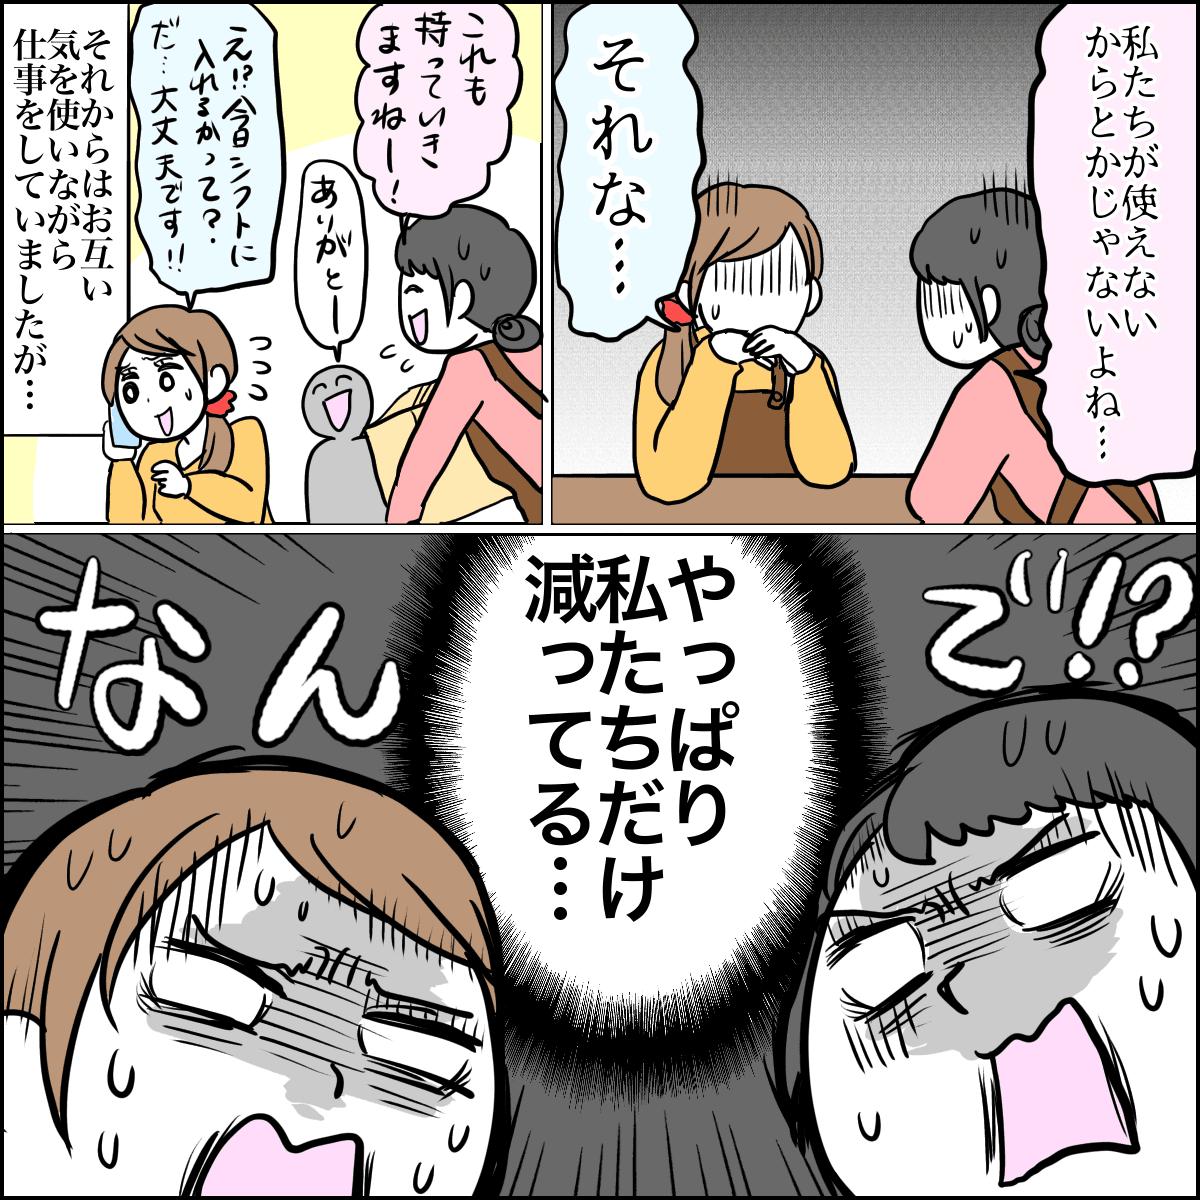 【前編】これってマタハラ!?